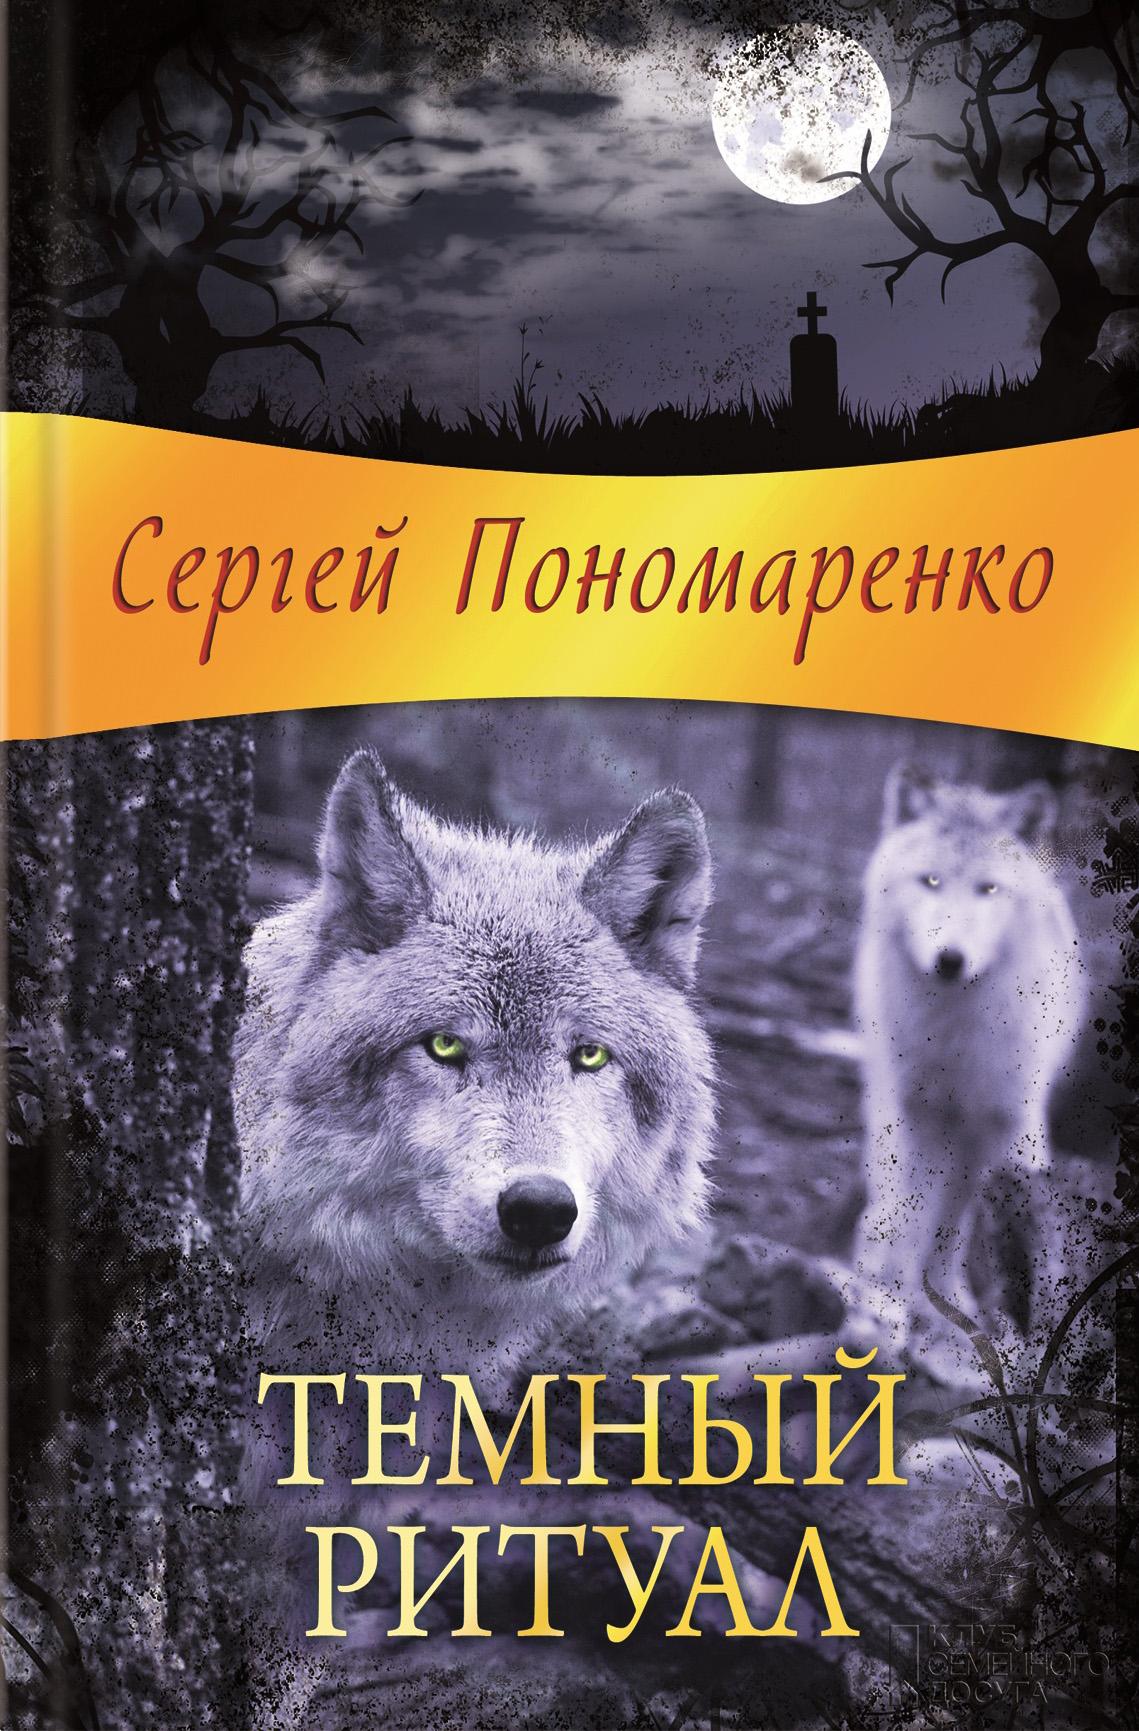 Сергей Пономаренко Темный ритуал